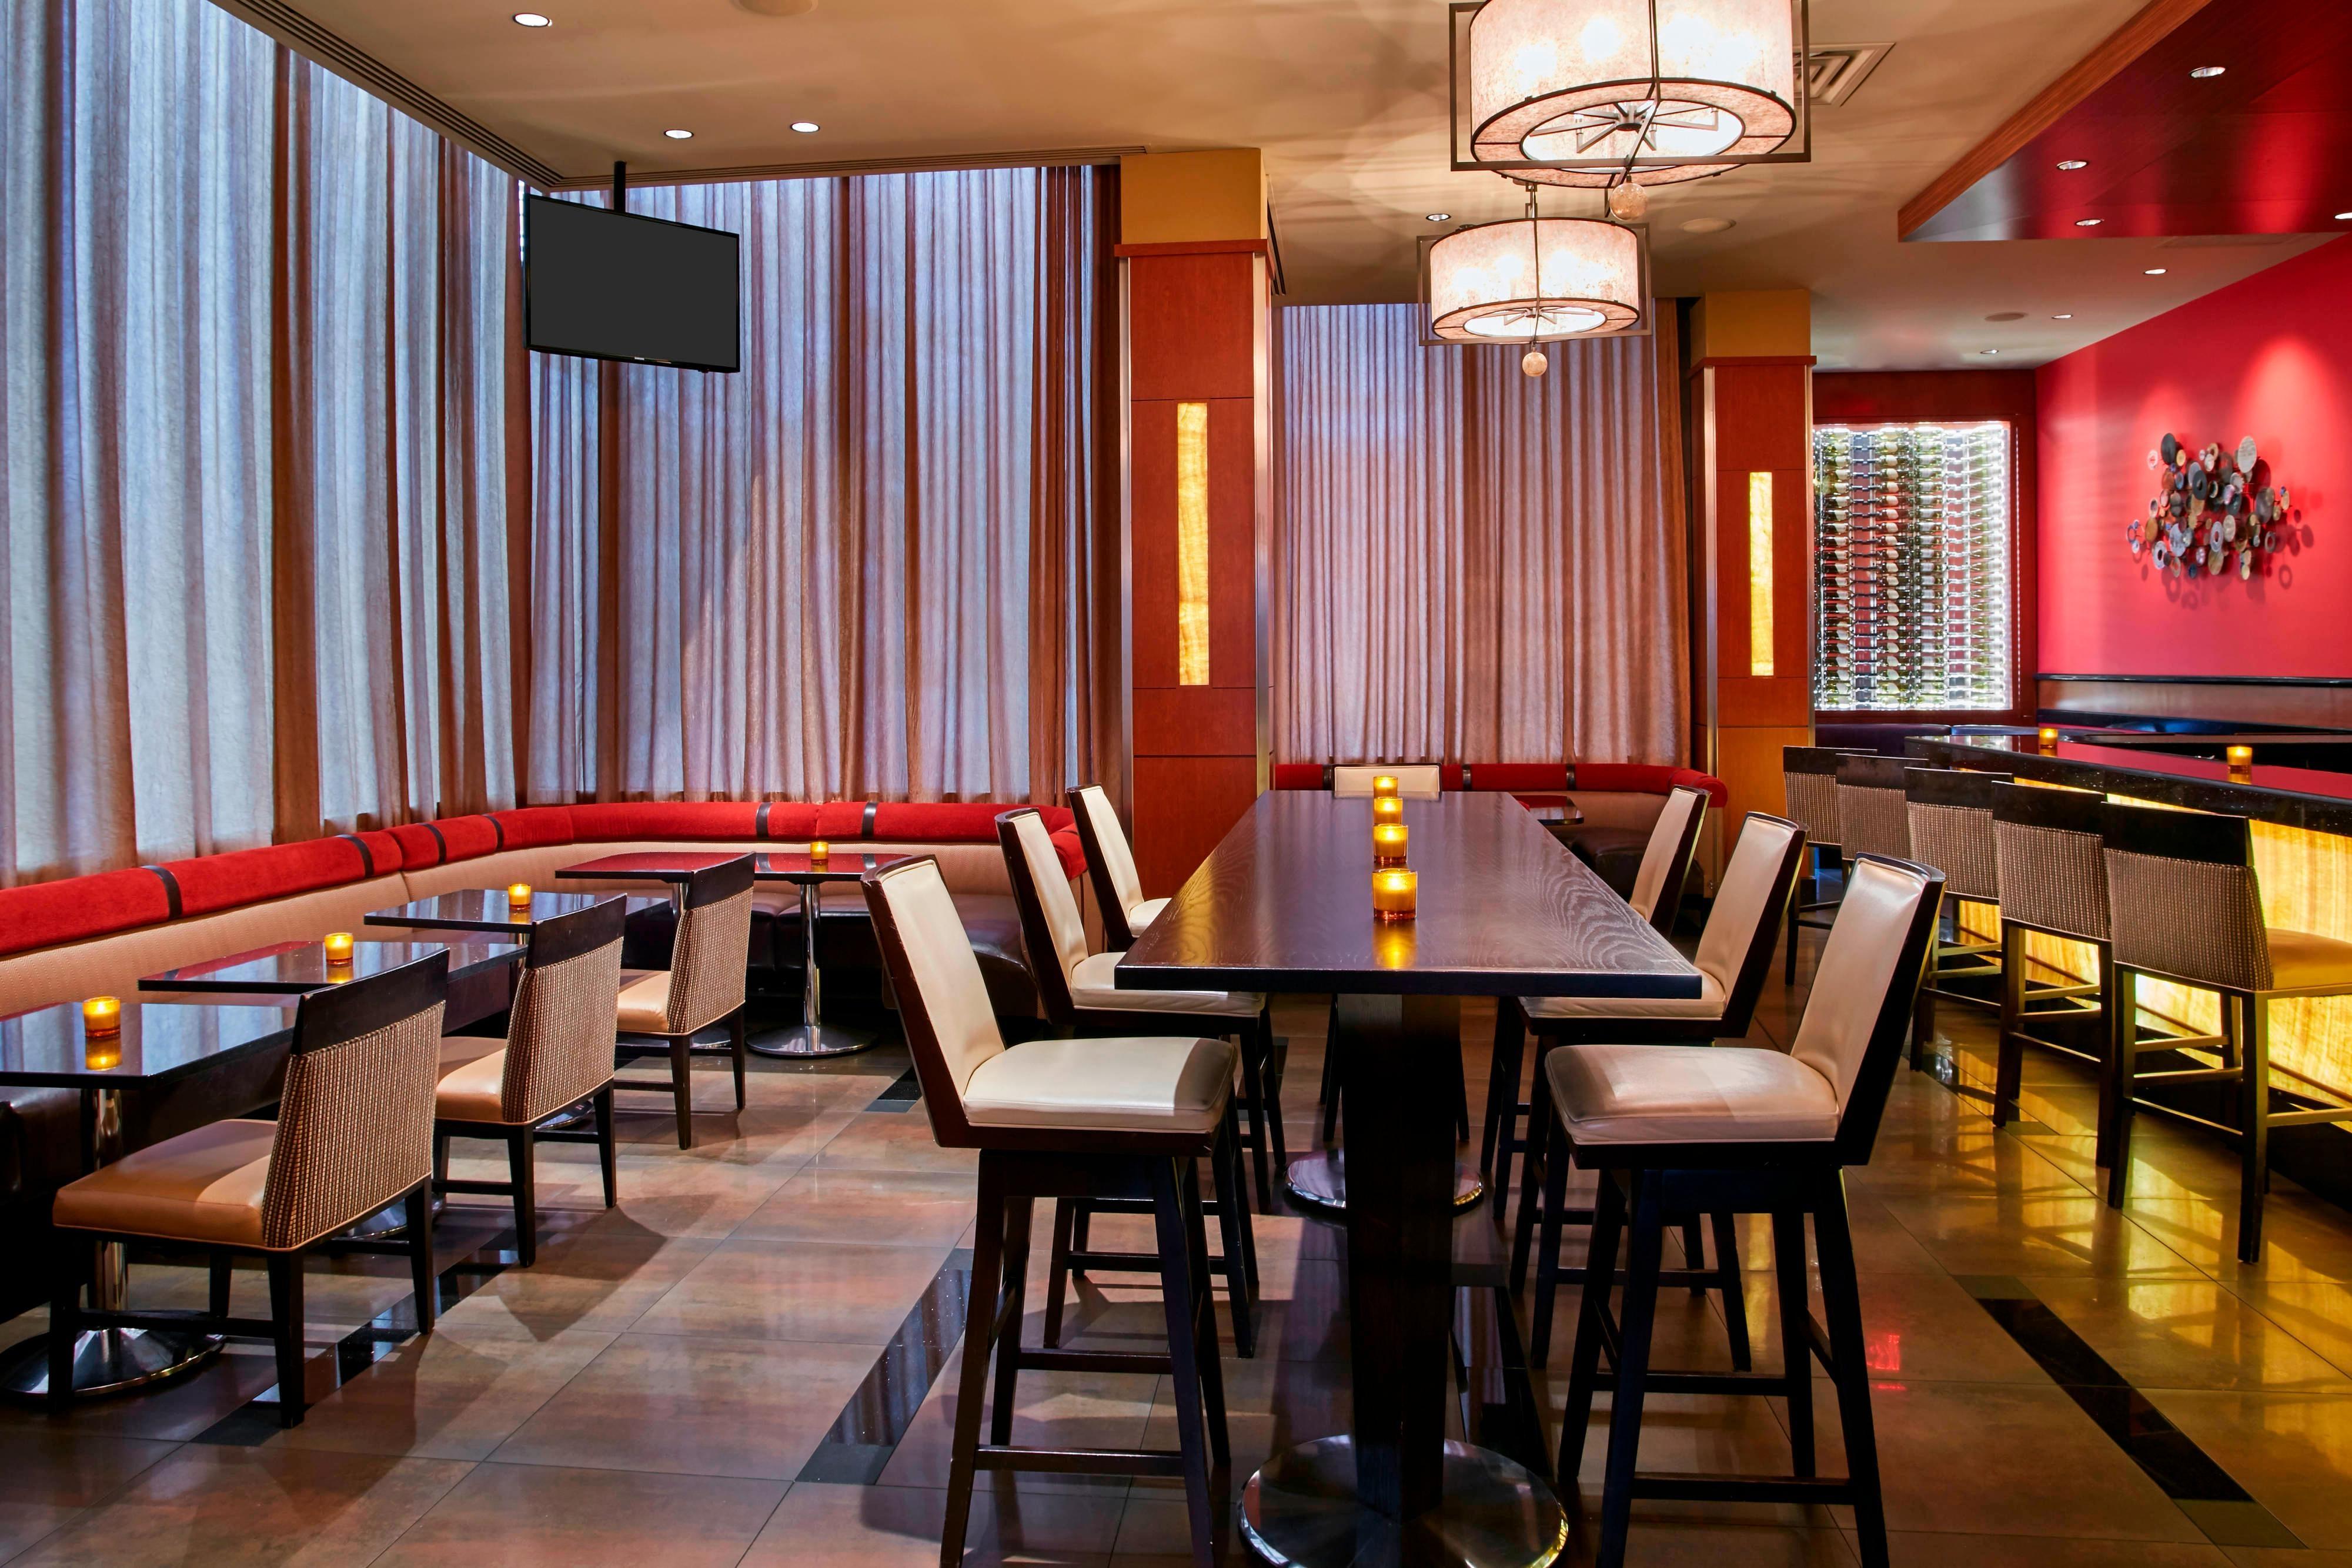 Glen Lounge, seating, bar